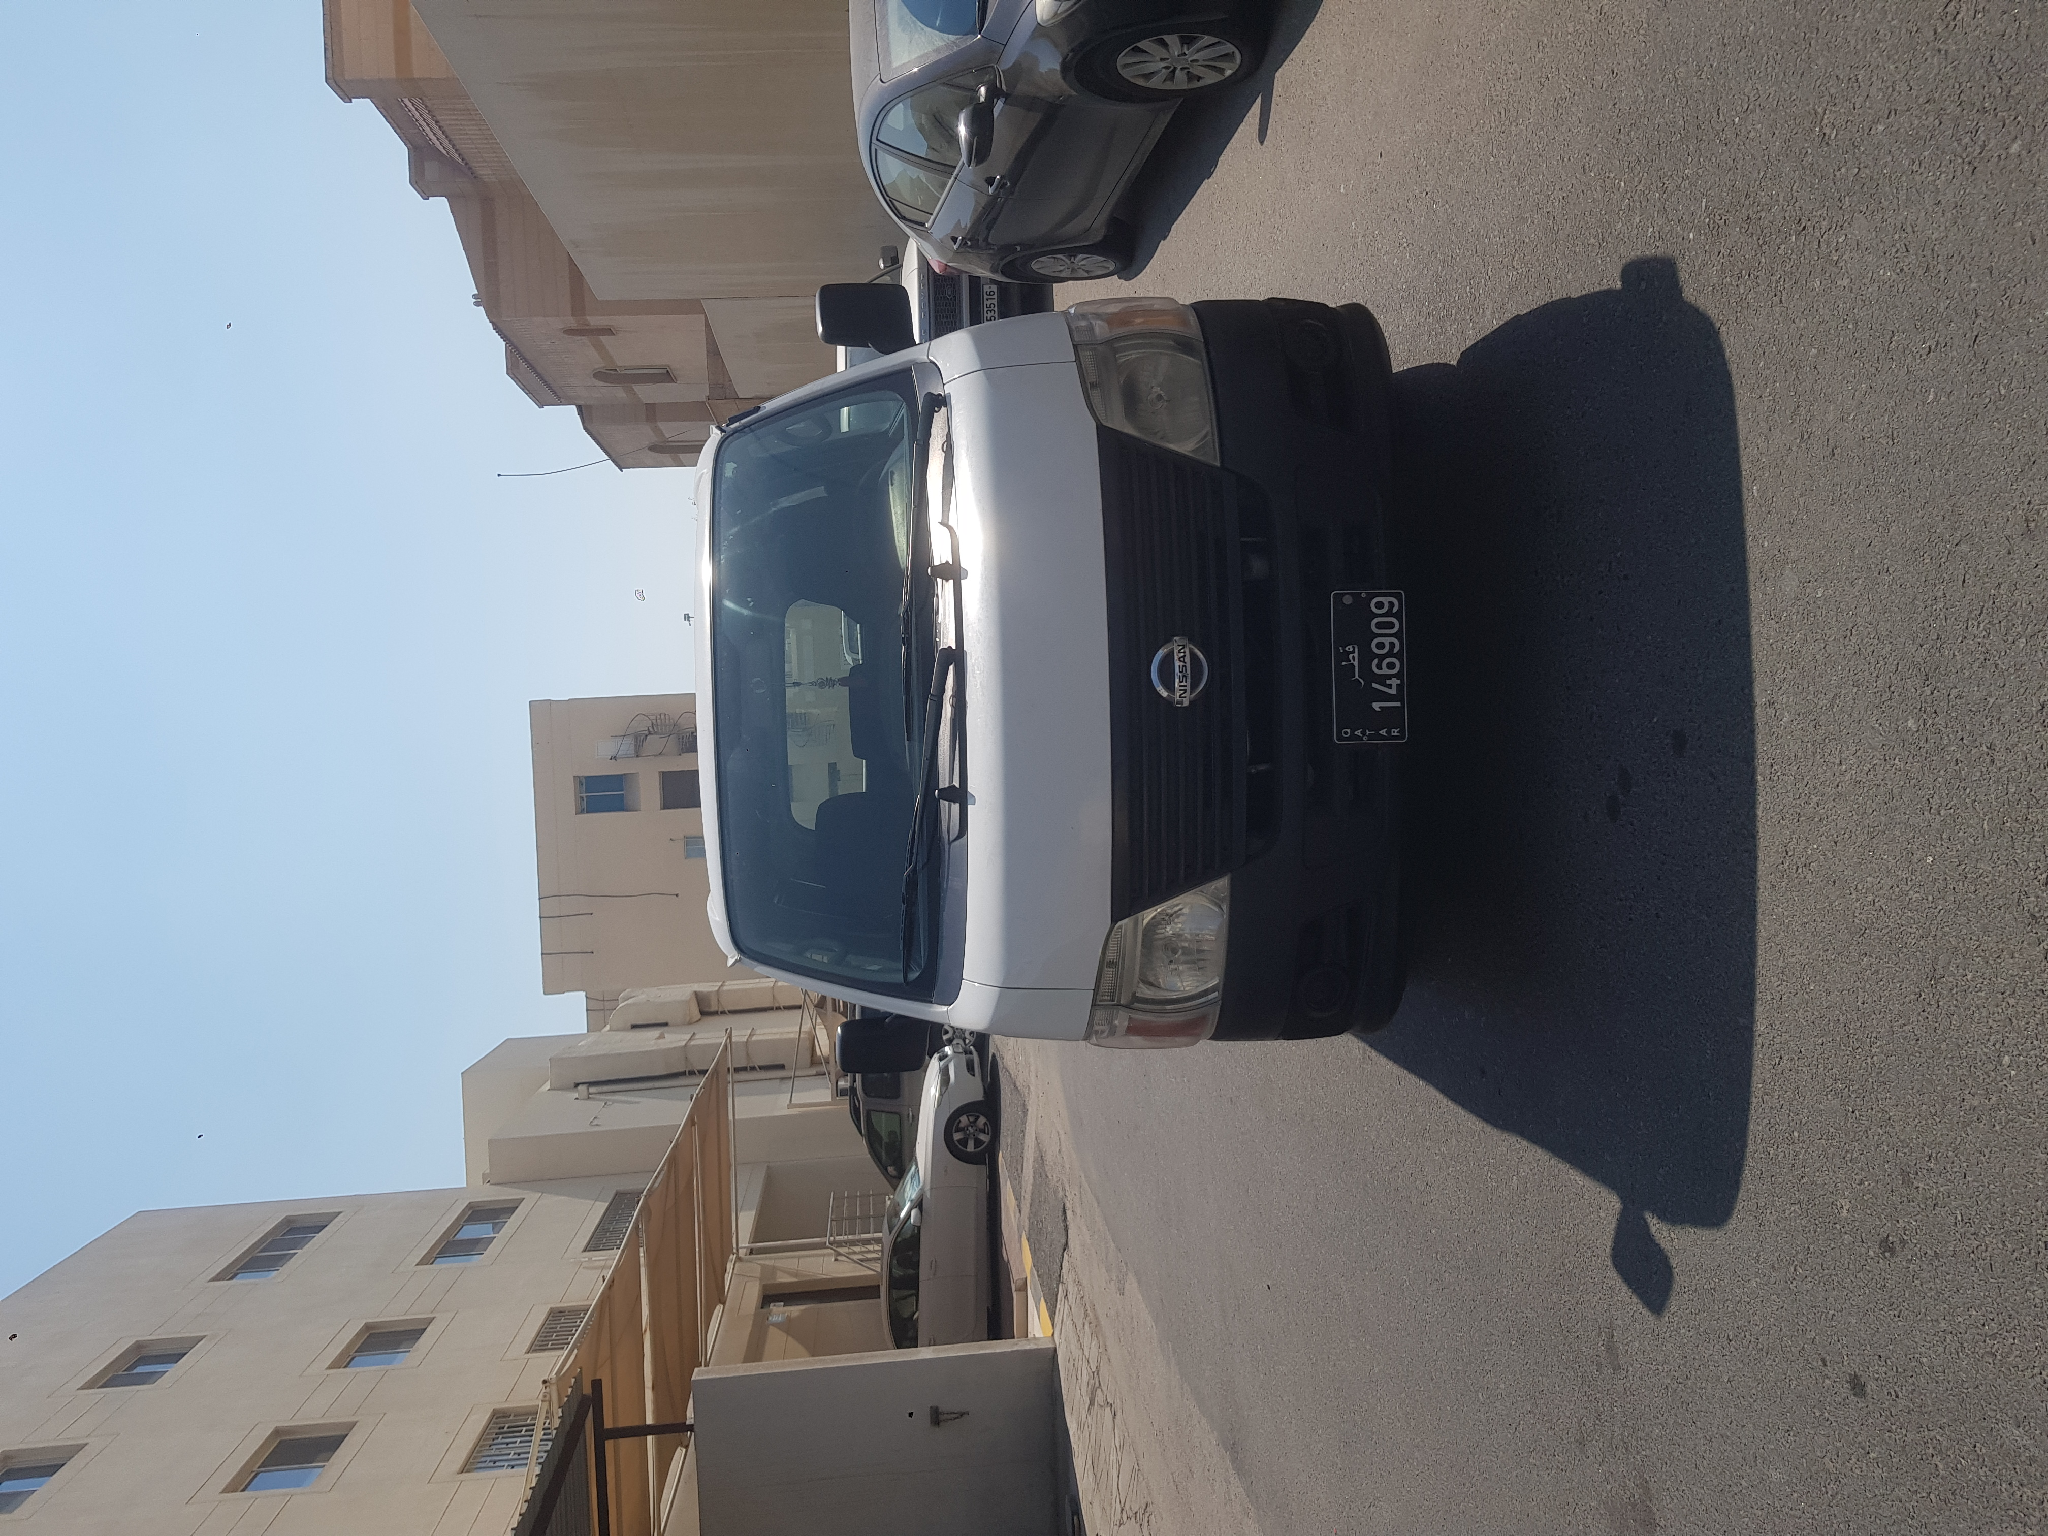 Nissan URVAN 2013 model  urgent sale 16000qar -